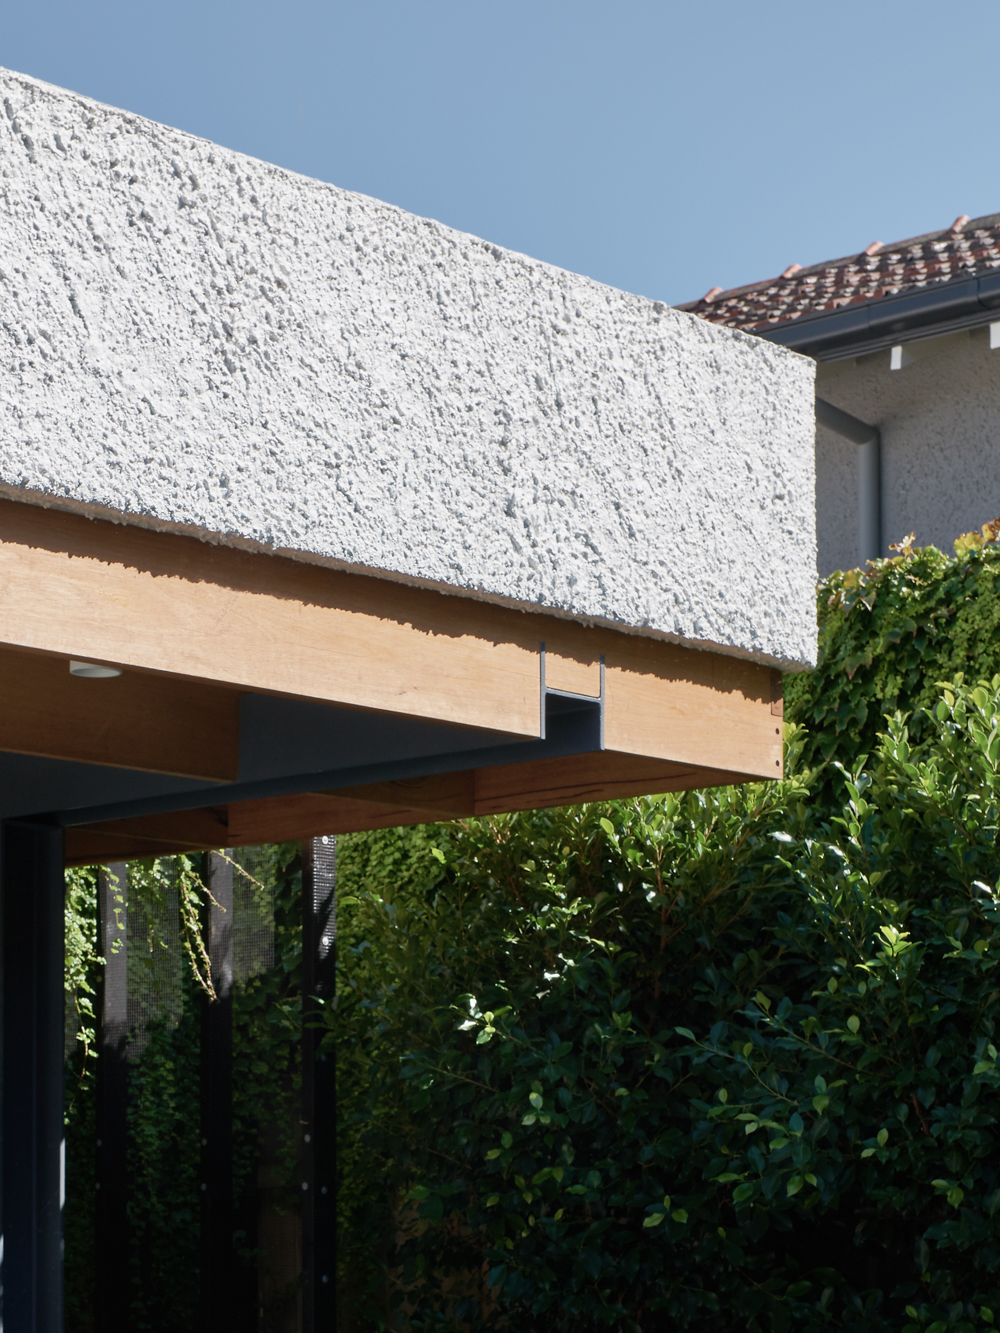 glen-iris-pleysier-perkins-architecture-the-design-emotive-16.jpg